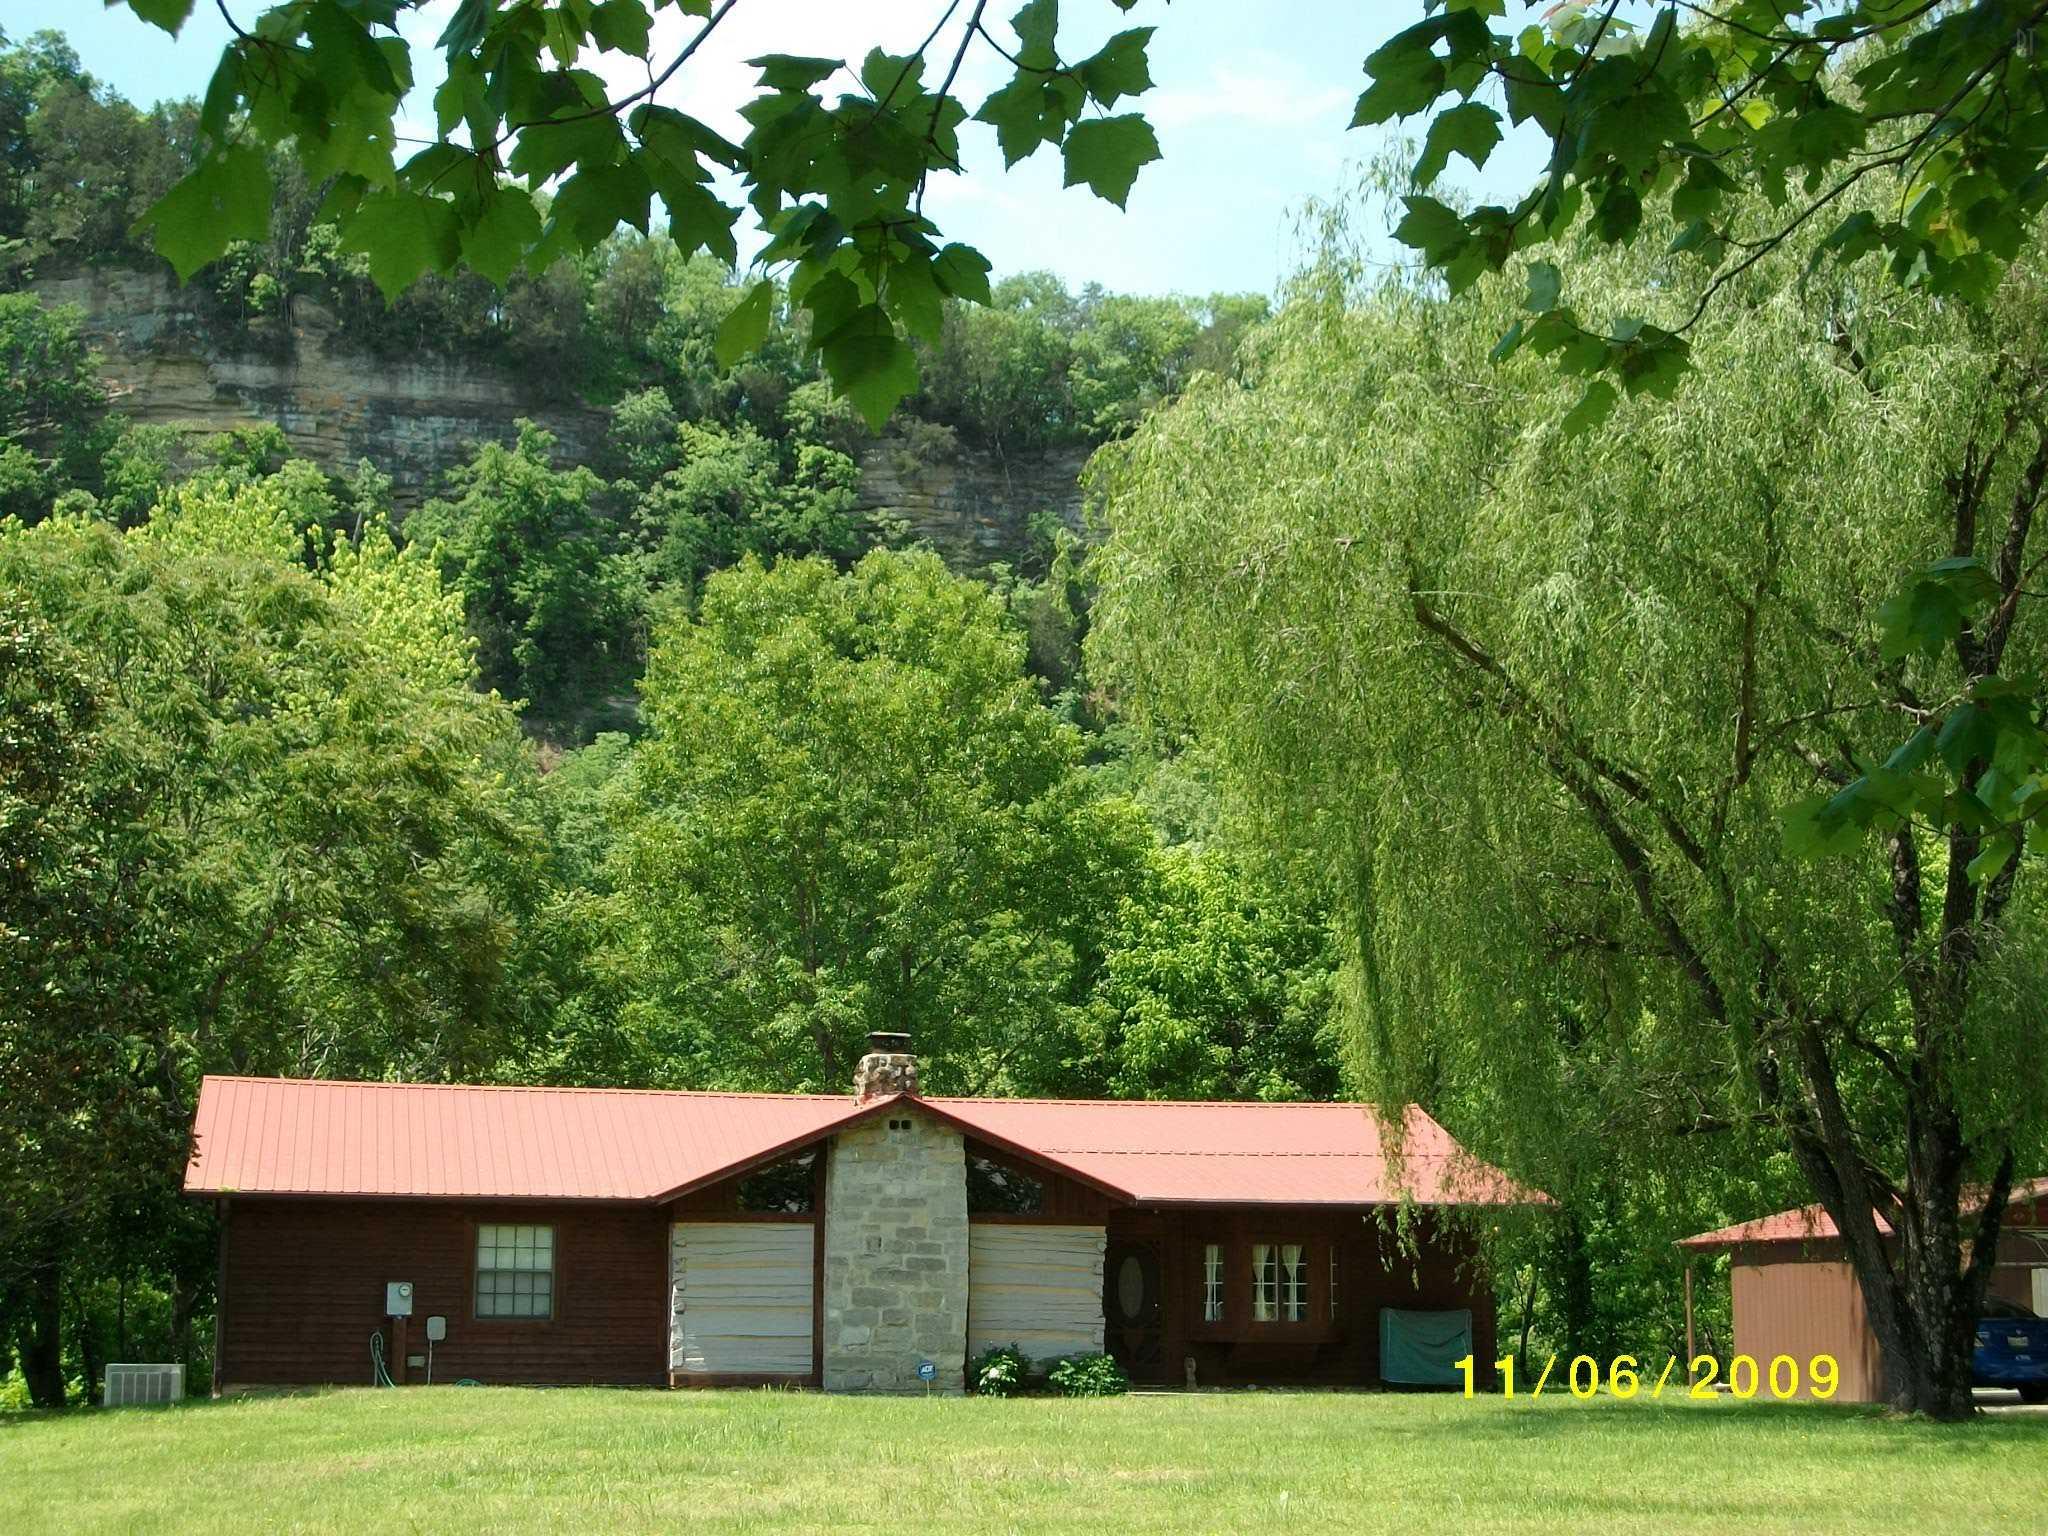 859 River Bend Dr, Celina, TN 38551